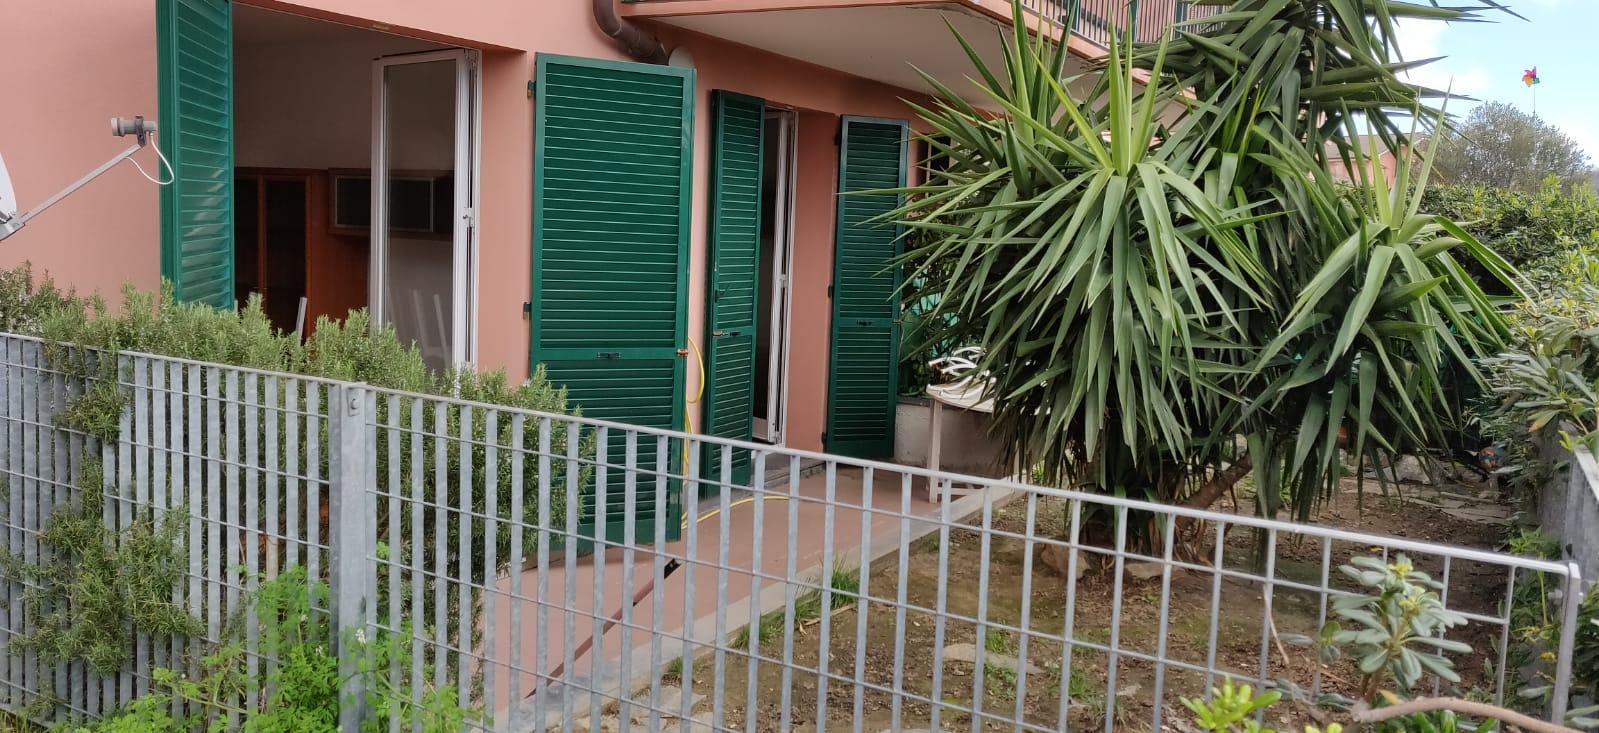 Appartamento in vendita a Cogoleto, 2 locali, zona Località: Lerca, prezzo € 195.000 | CambioCasa.it